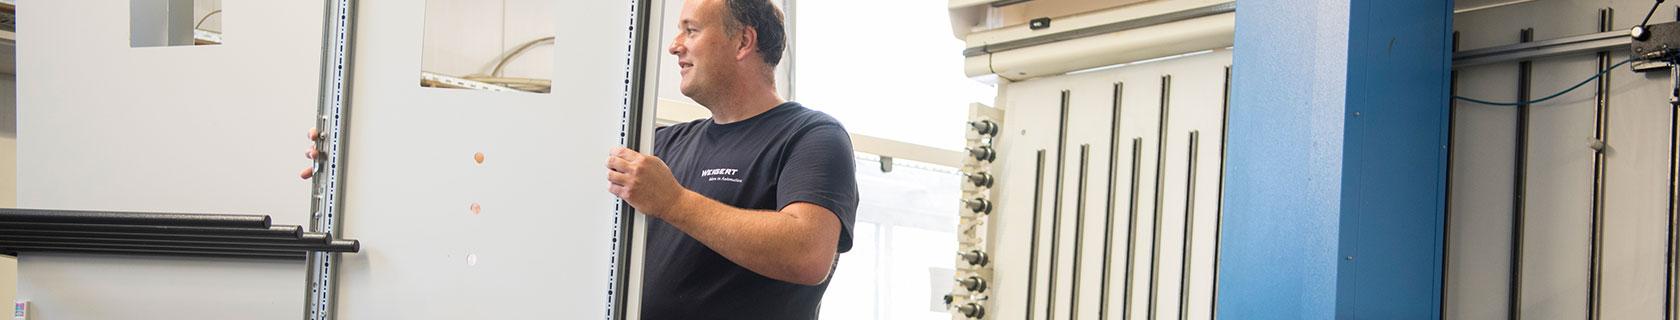 Schaltanlagenbau – alles aus einer Hand von Weigert Elektronik